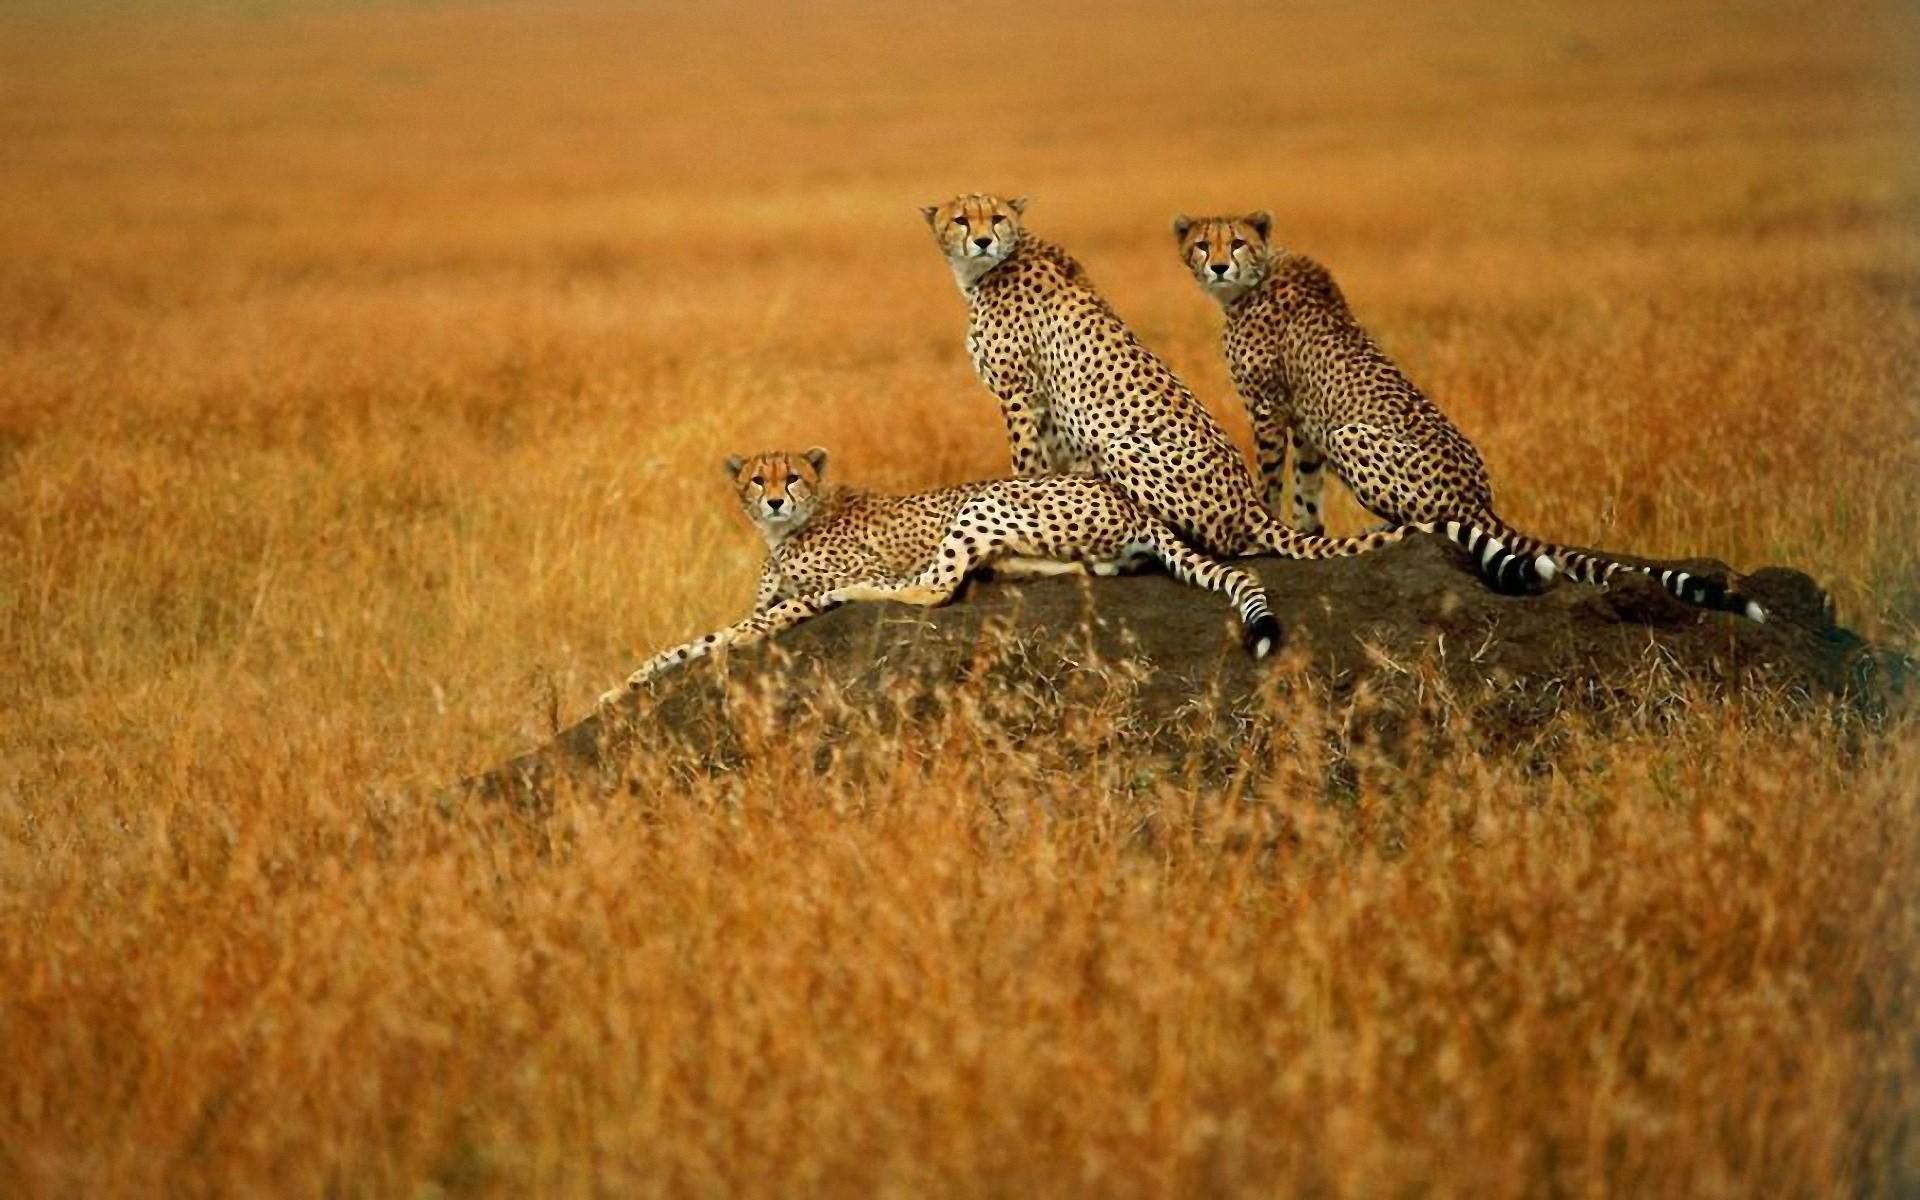 природа животные Гепарды камни трава дерево горизонт  № 276732  скачать